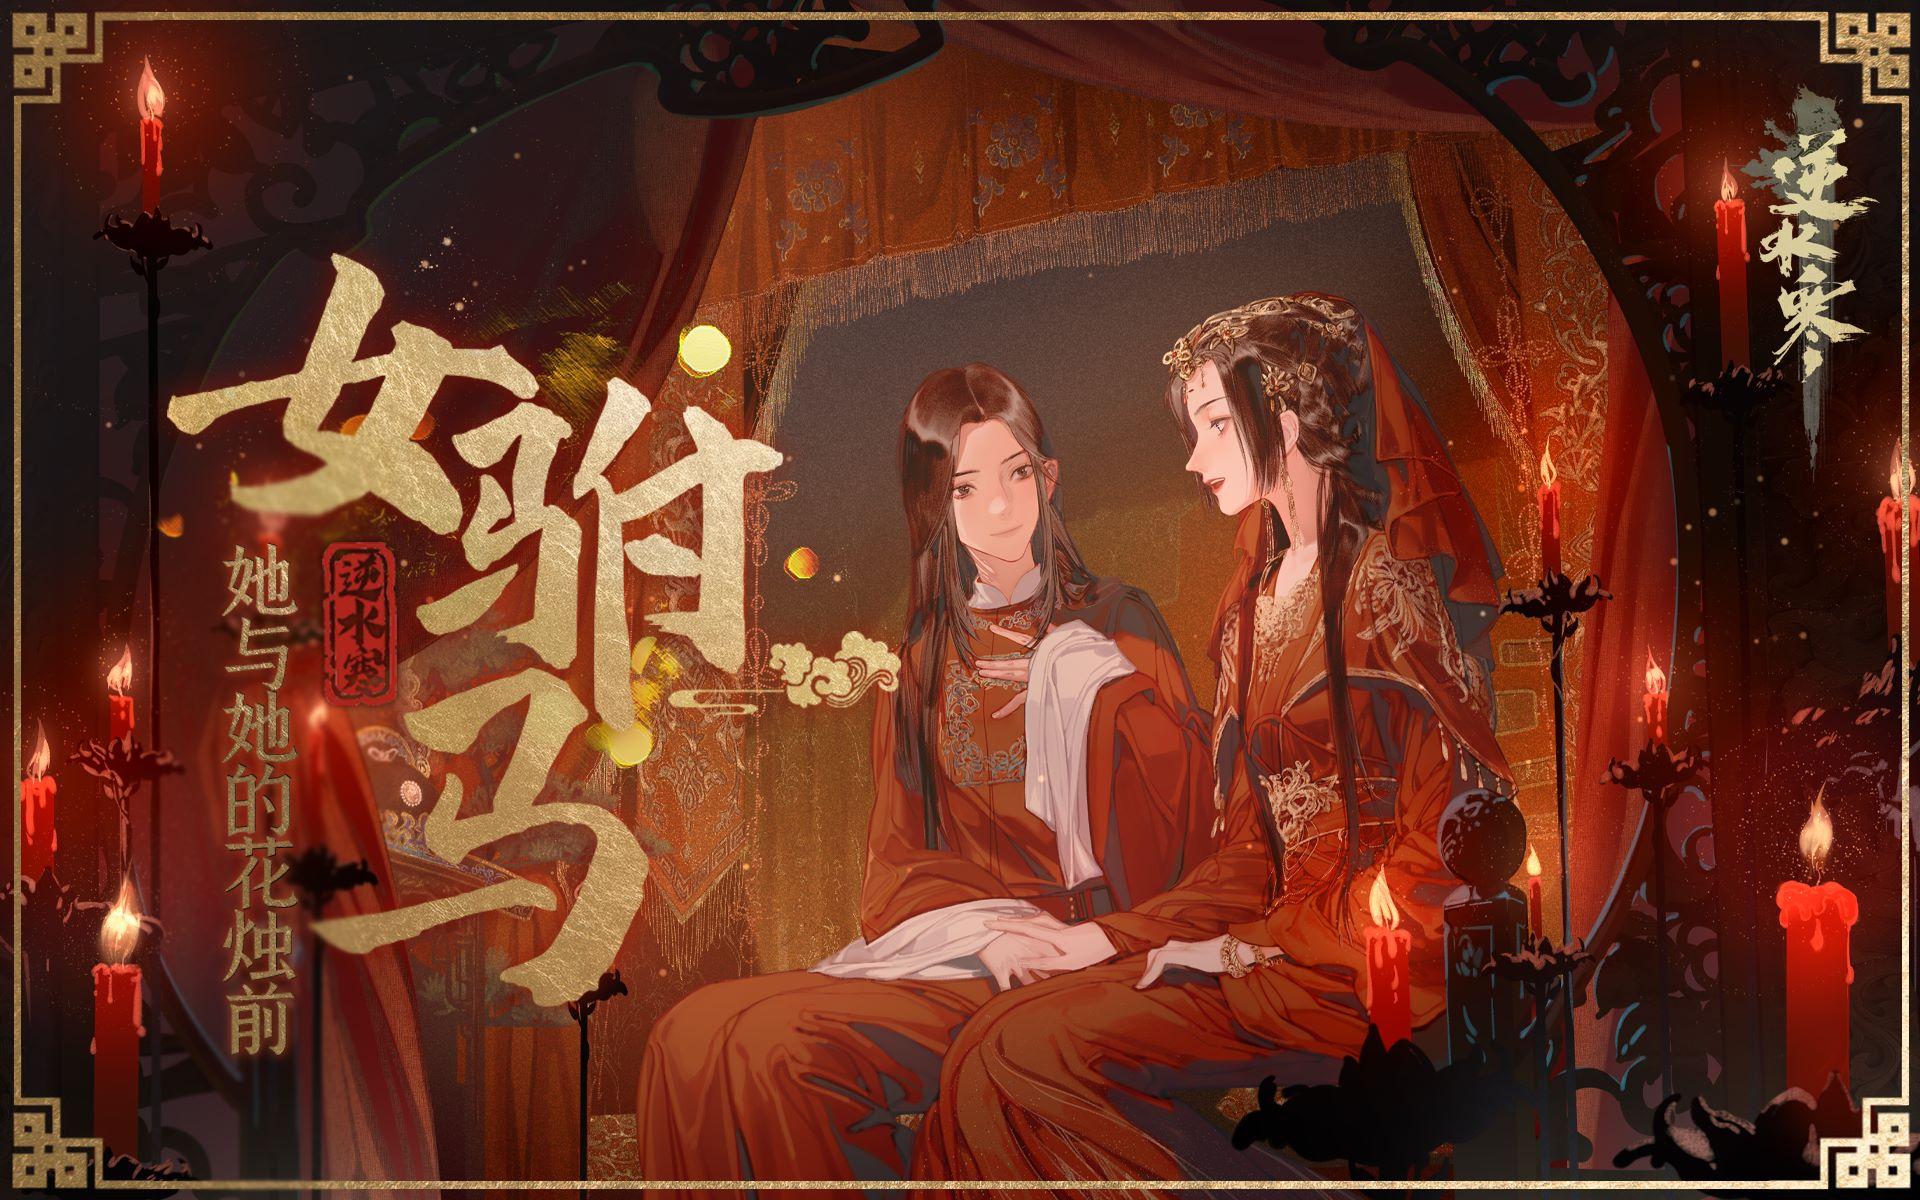 【白白翻唱】《女驸马·她与她的花烛前》双声线演绎经典黄梅戏故事,大橘已定橘势大好